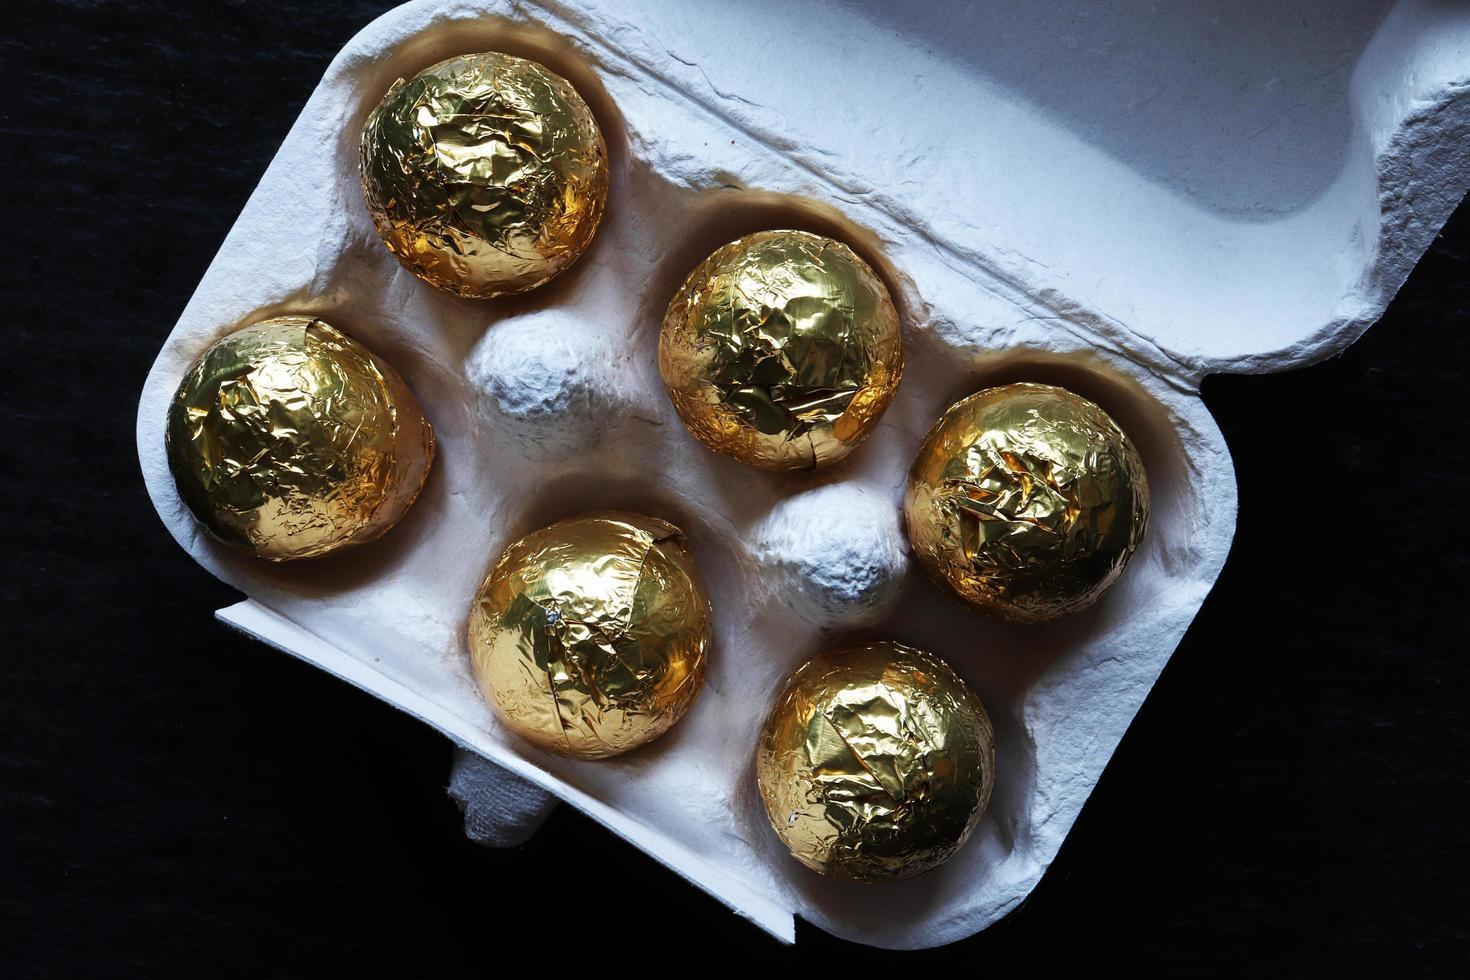 Schokoladen-Ostereier in Goldfolie eingewickelt foto